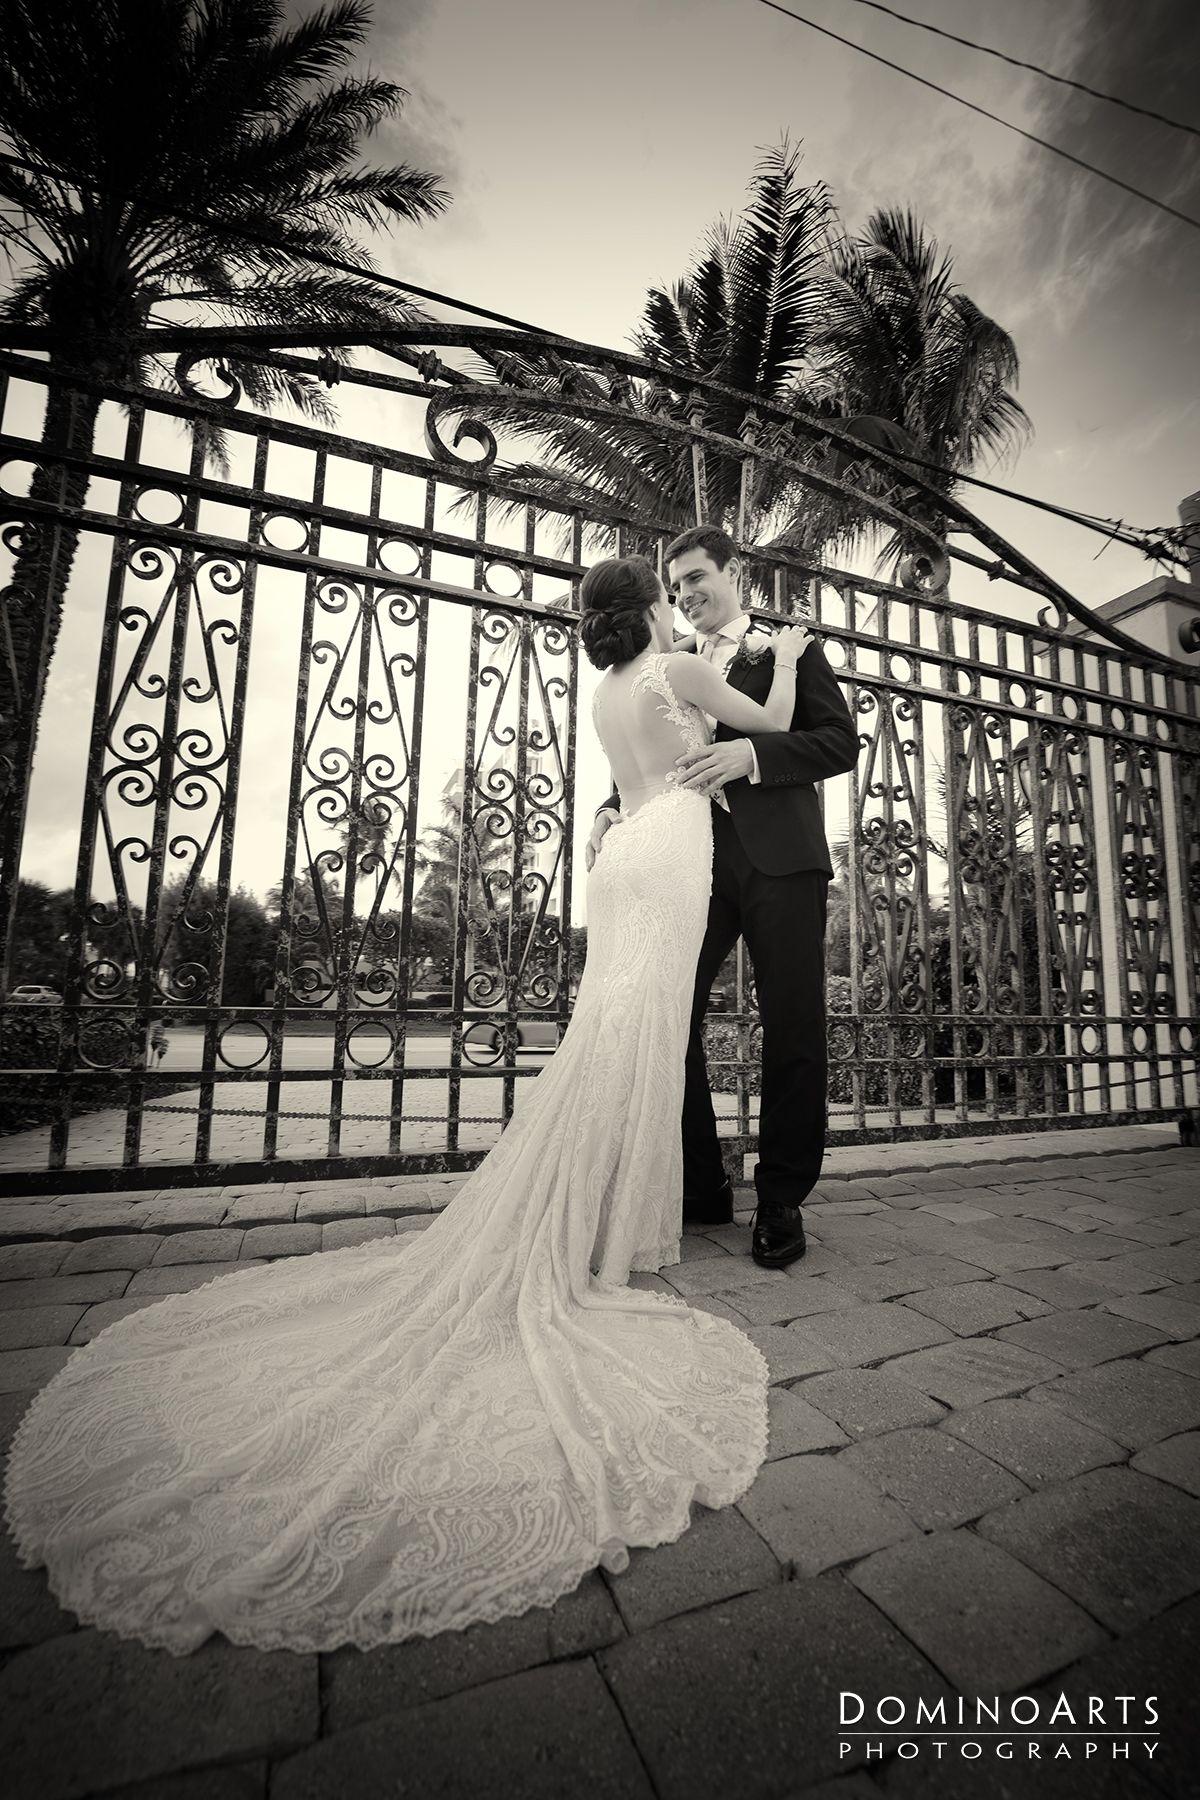 Maya & Jon's #backyardwedding was simply perfect. She looked #stunning on her @galialahav  #wedding #Gown #Photography by #DominoArts. #luxurywedding #weddingphotography #weddingphotographer #ceremony #brideandgroom #photoideas #BocaRatonWedding #weddingday #weddingdecor #beachwedding #portraits #couple #poses #blackandwhitephotography (www.DominoArts.com)